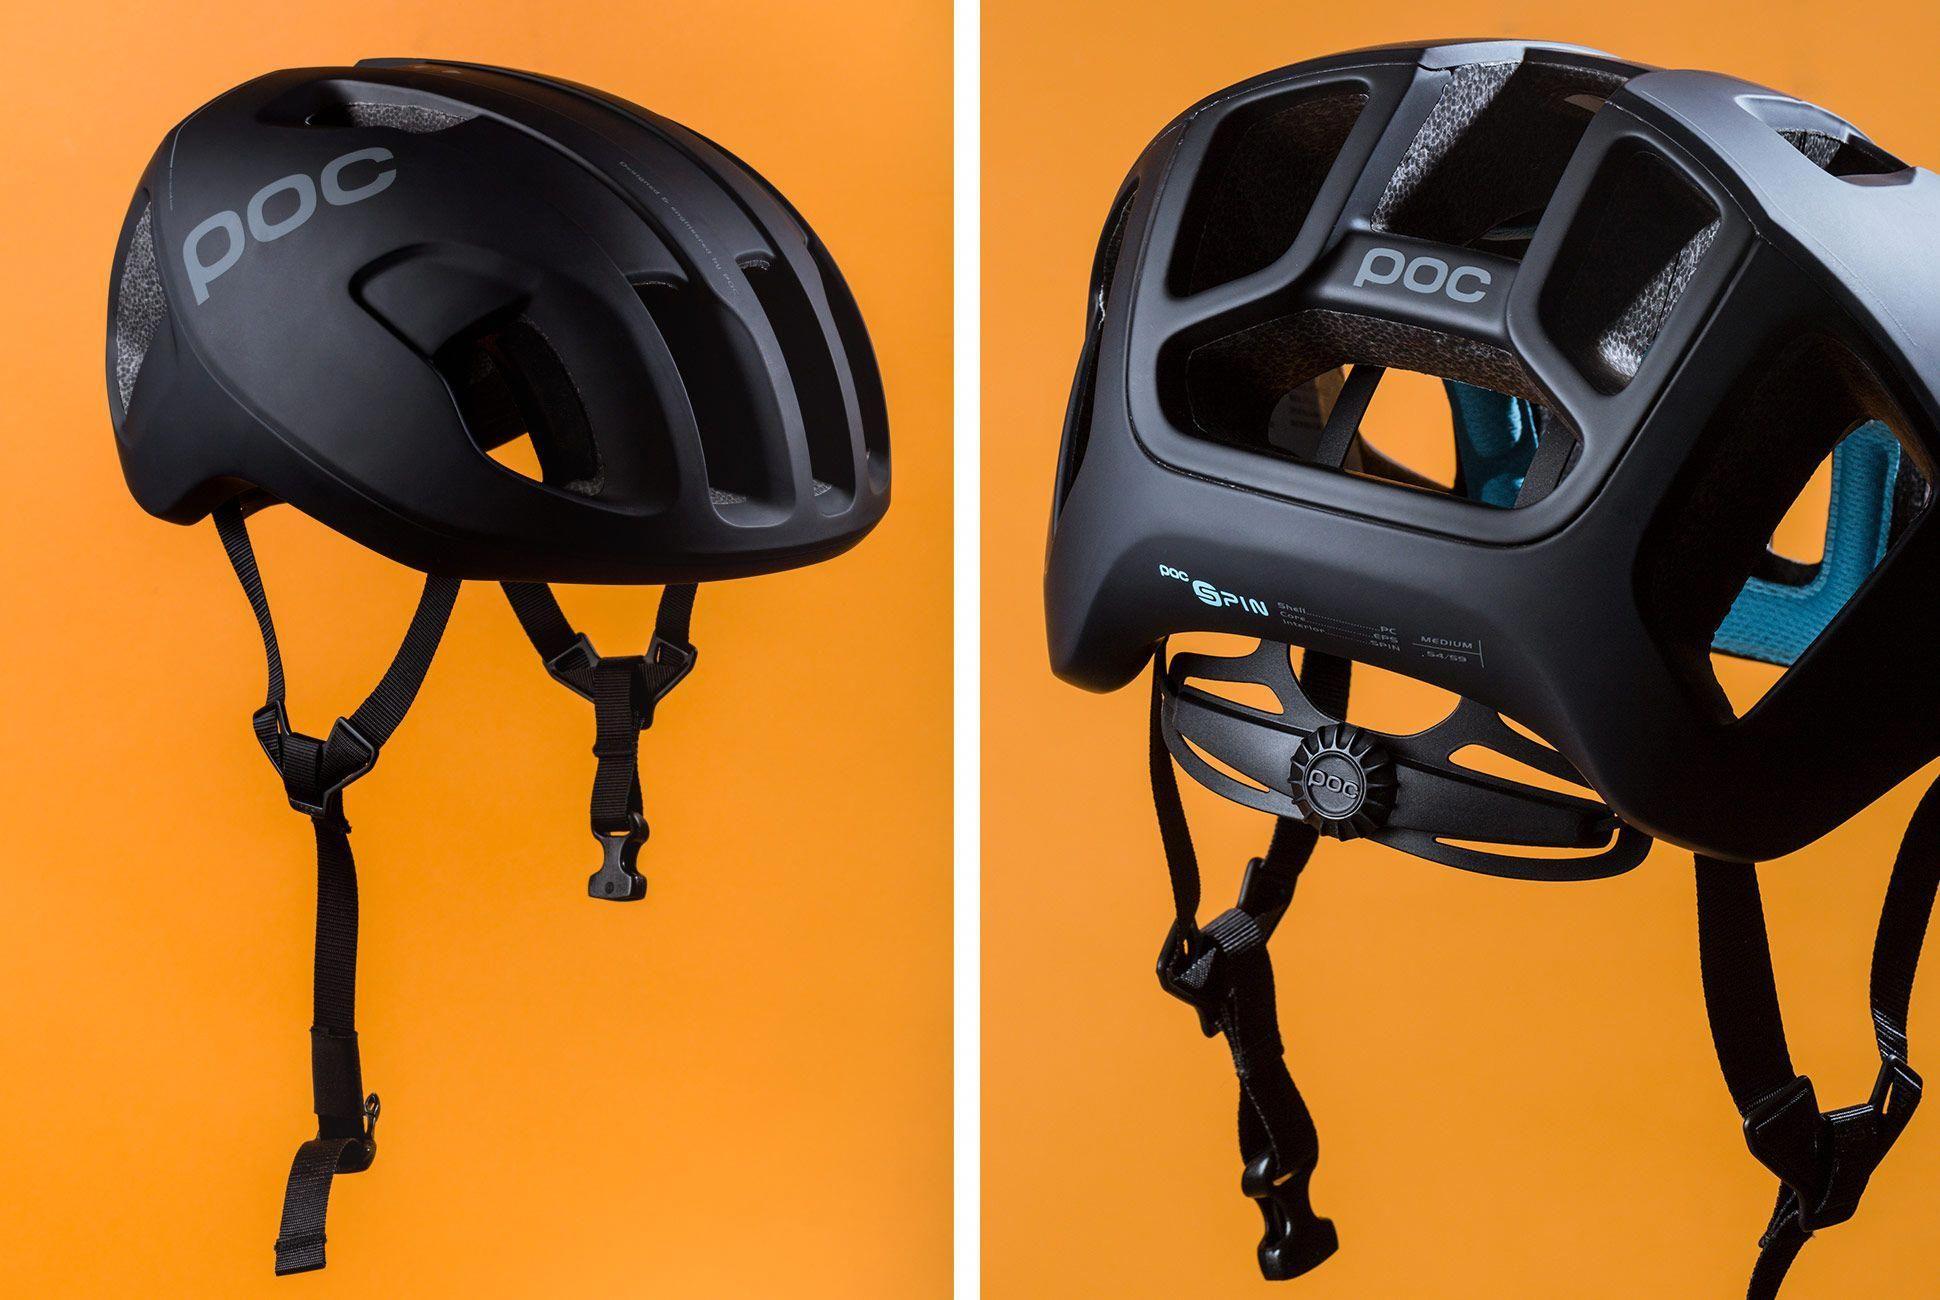 Ventral Spin Helmet Bike helmet, Bike, Bicycle maintenance